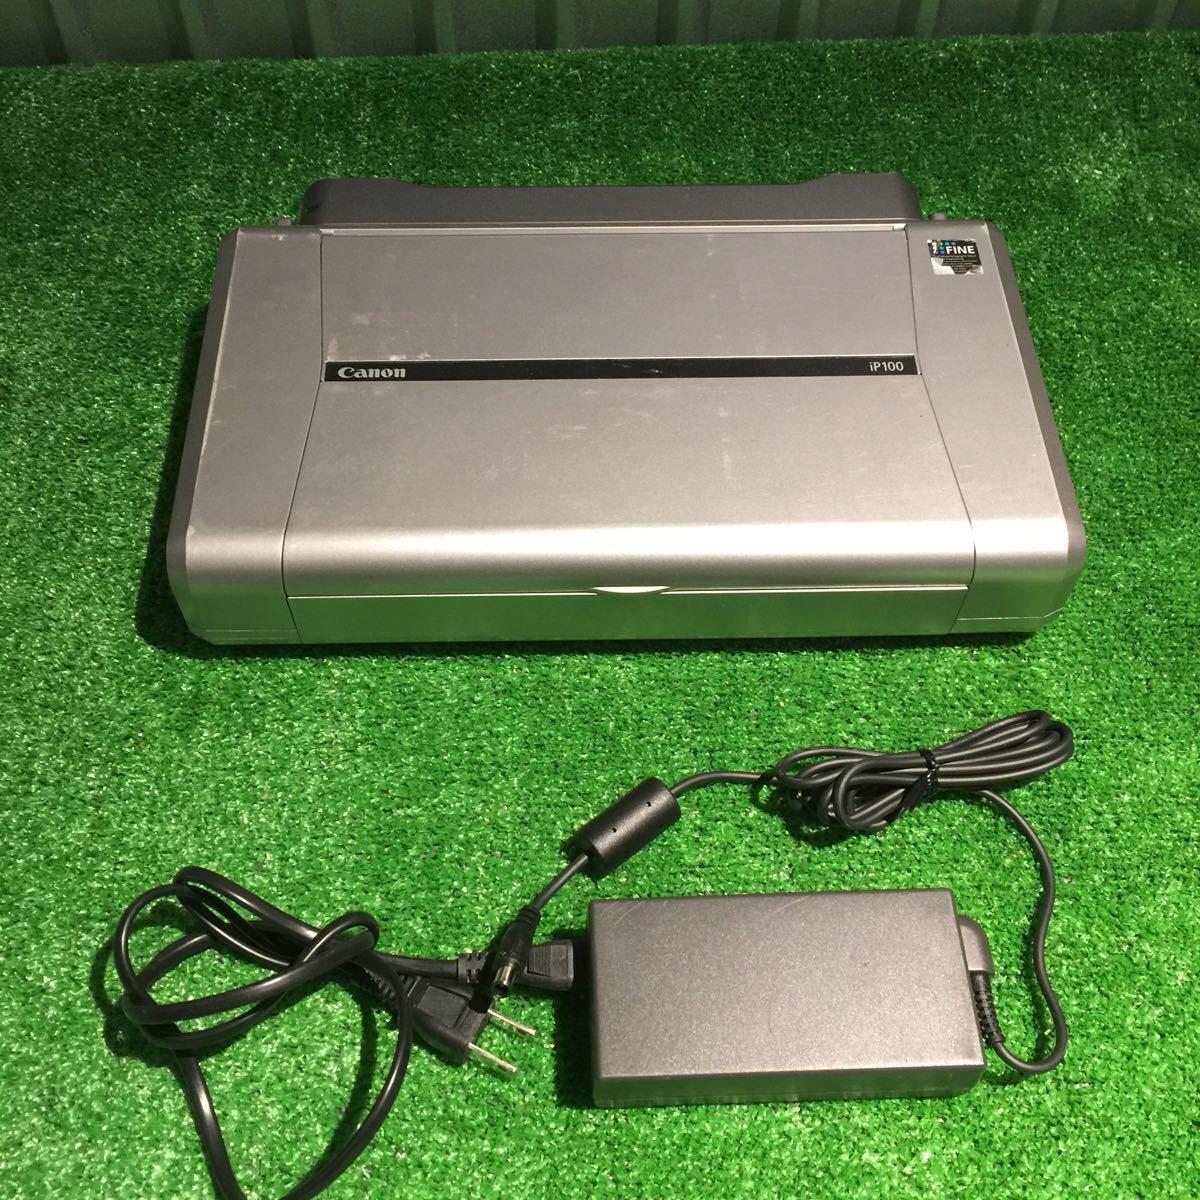 1円~ 動作確認済み キャノン Canon iP100 モバイルプリンター 印表機 インク付 80サイズ ⑥